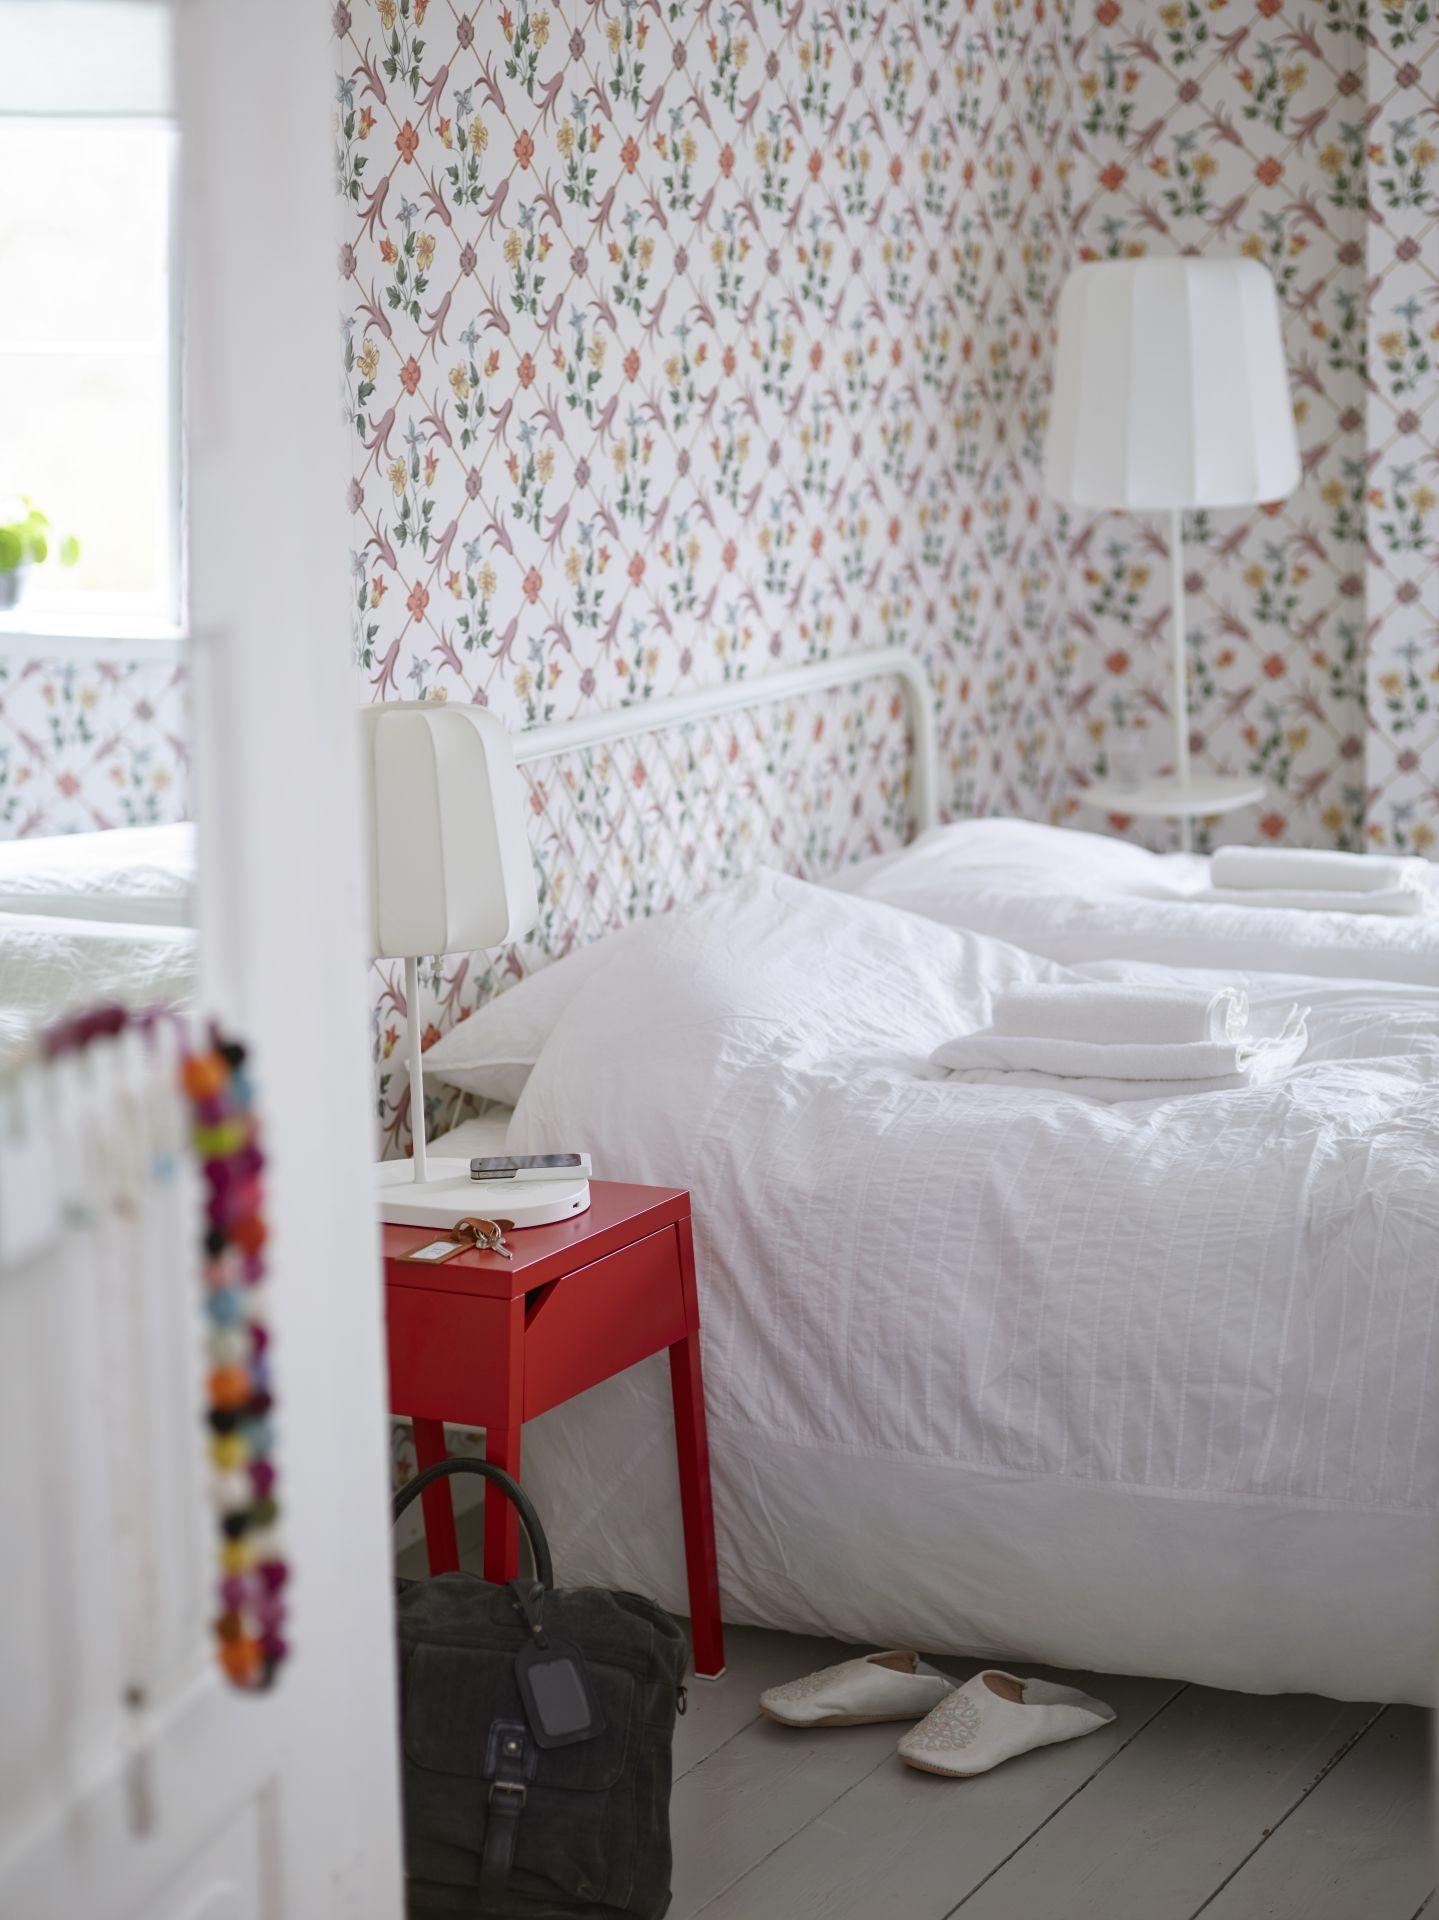 Nesttun Bettgestell Weiss Luroy Ikea Deutschland Ikea Inspiration Einrichtungsideen Schlafzimmer Bettgestell